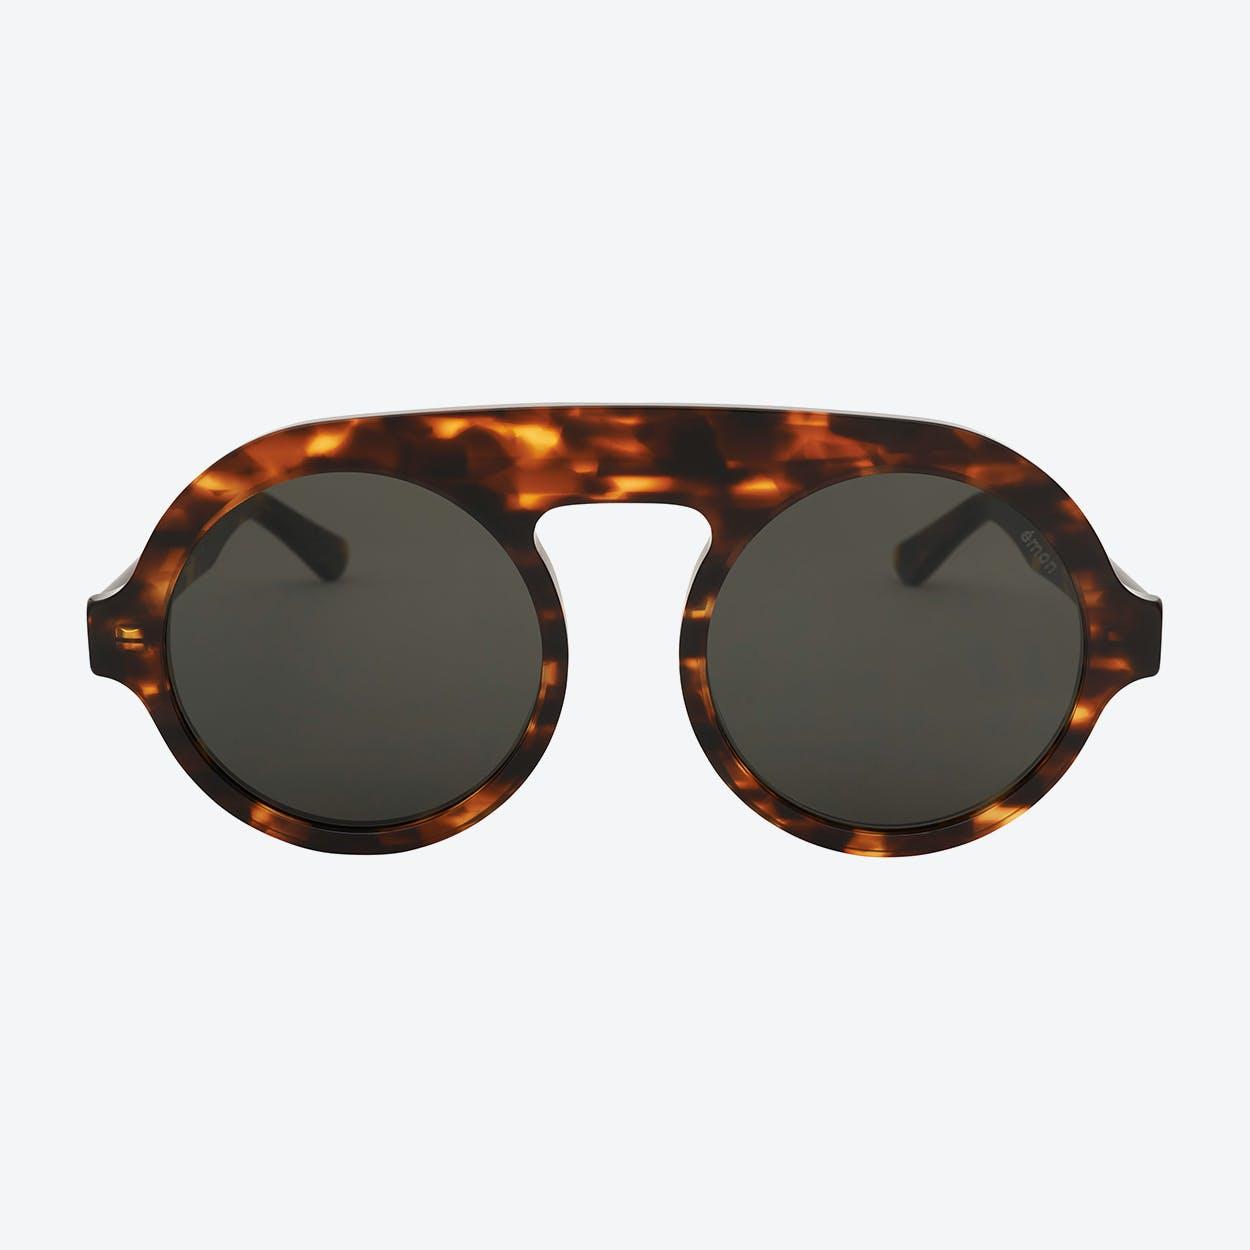 Nicolas Sunglasses in Tortoise